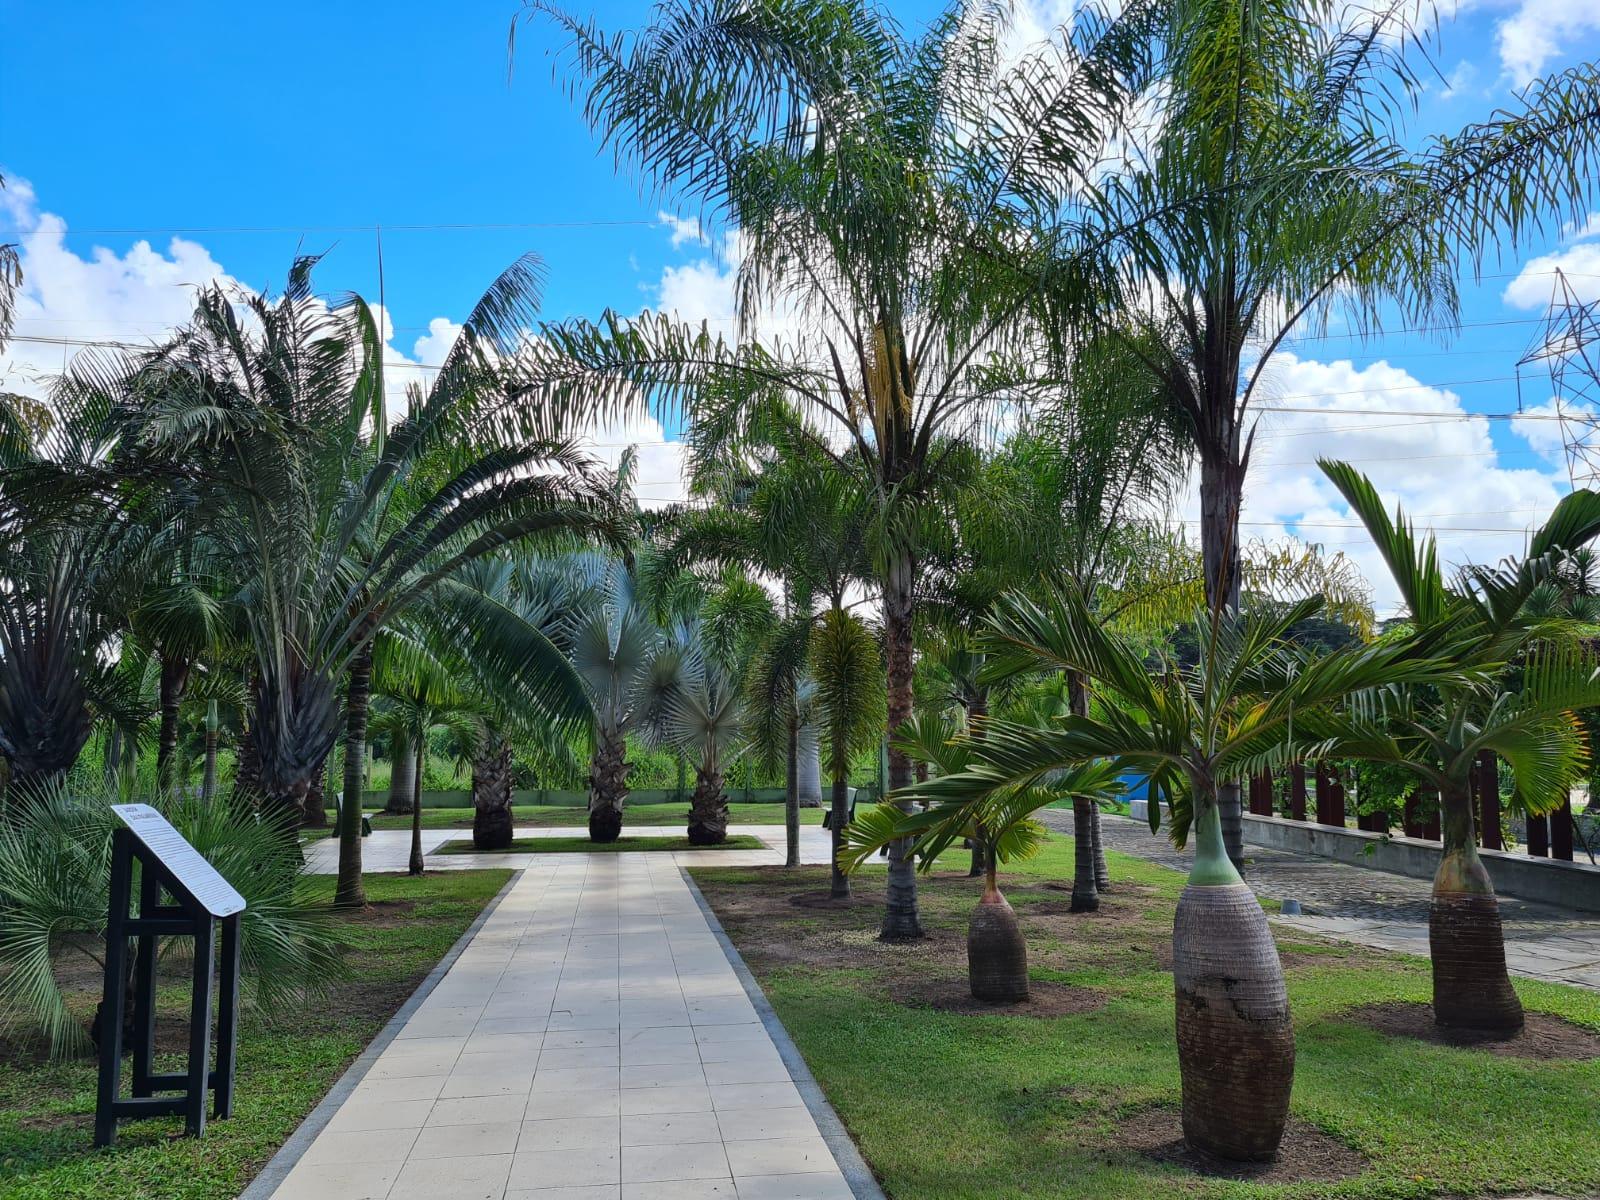 Jardim das Palmeiras conta com mais de trinta unidades de espécies da família Arecaceae, que chamam atenção dos visitantes pelo seu valor ornamental. (Divulgação)